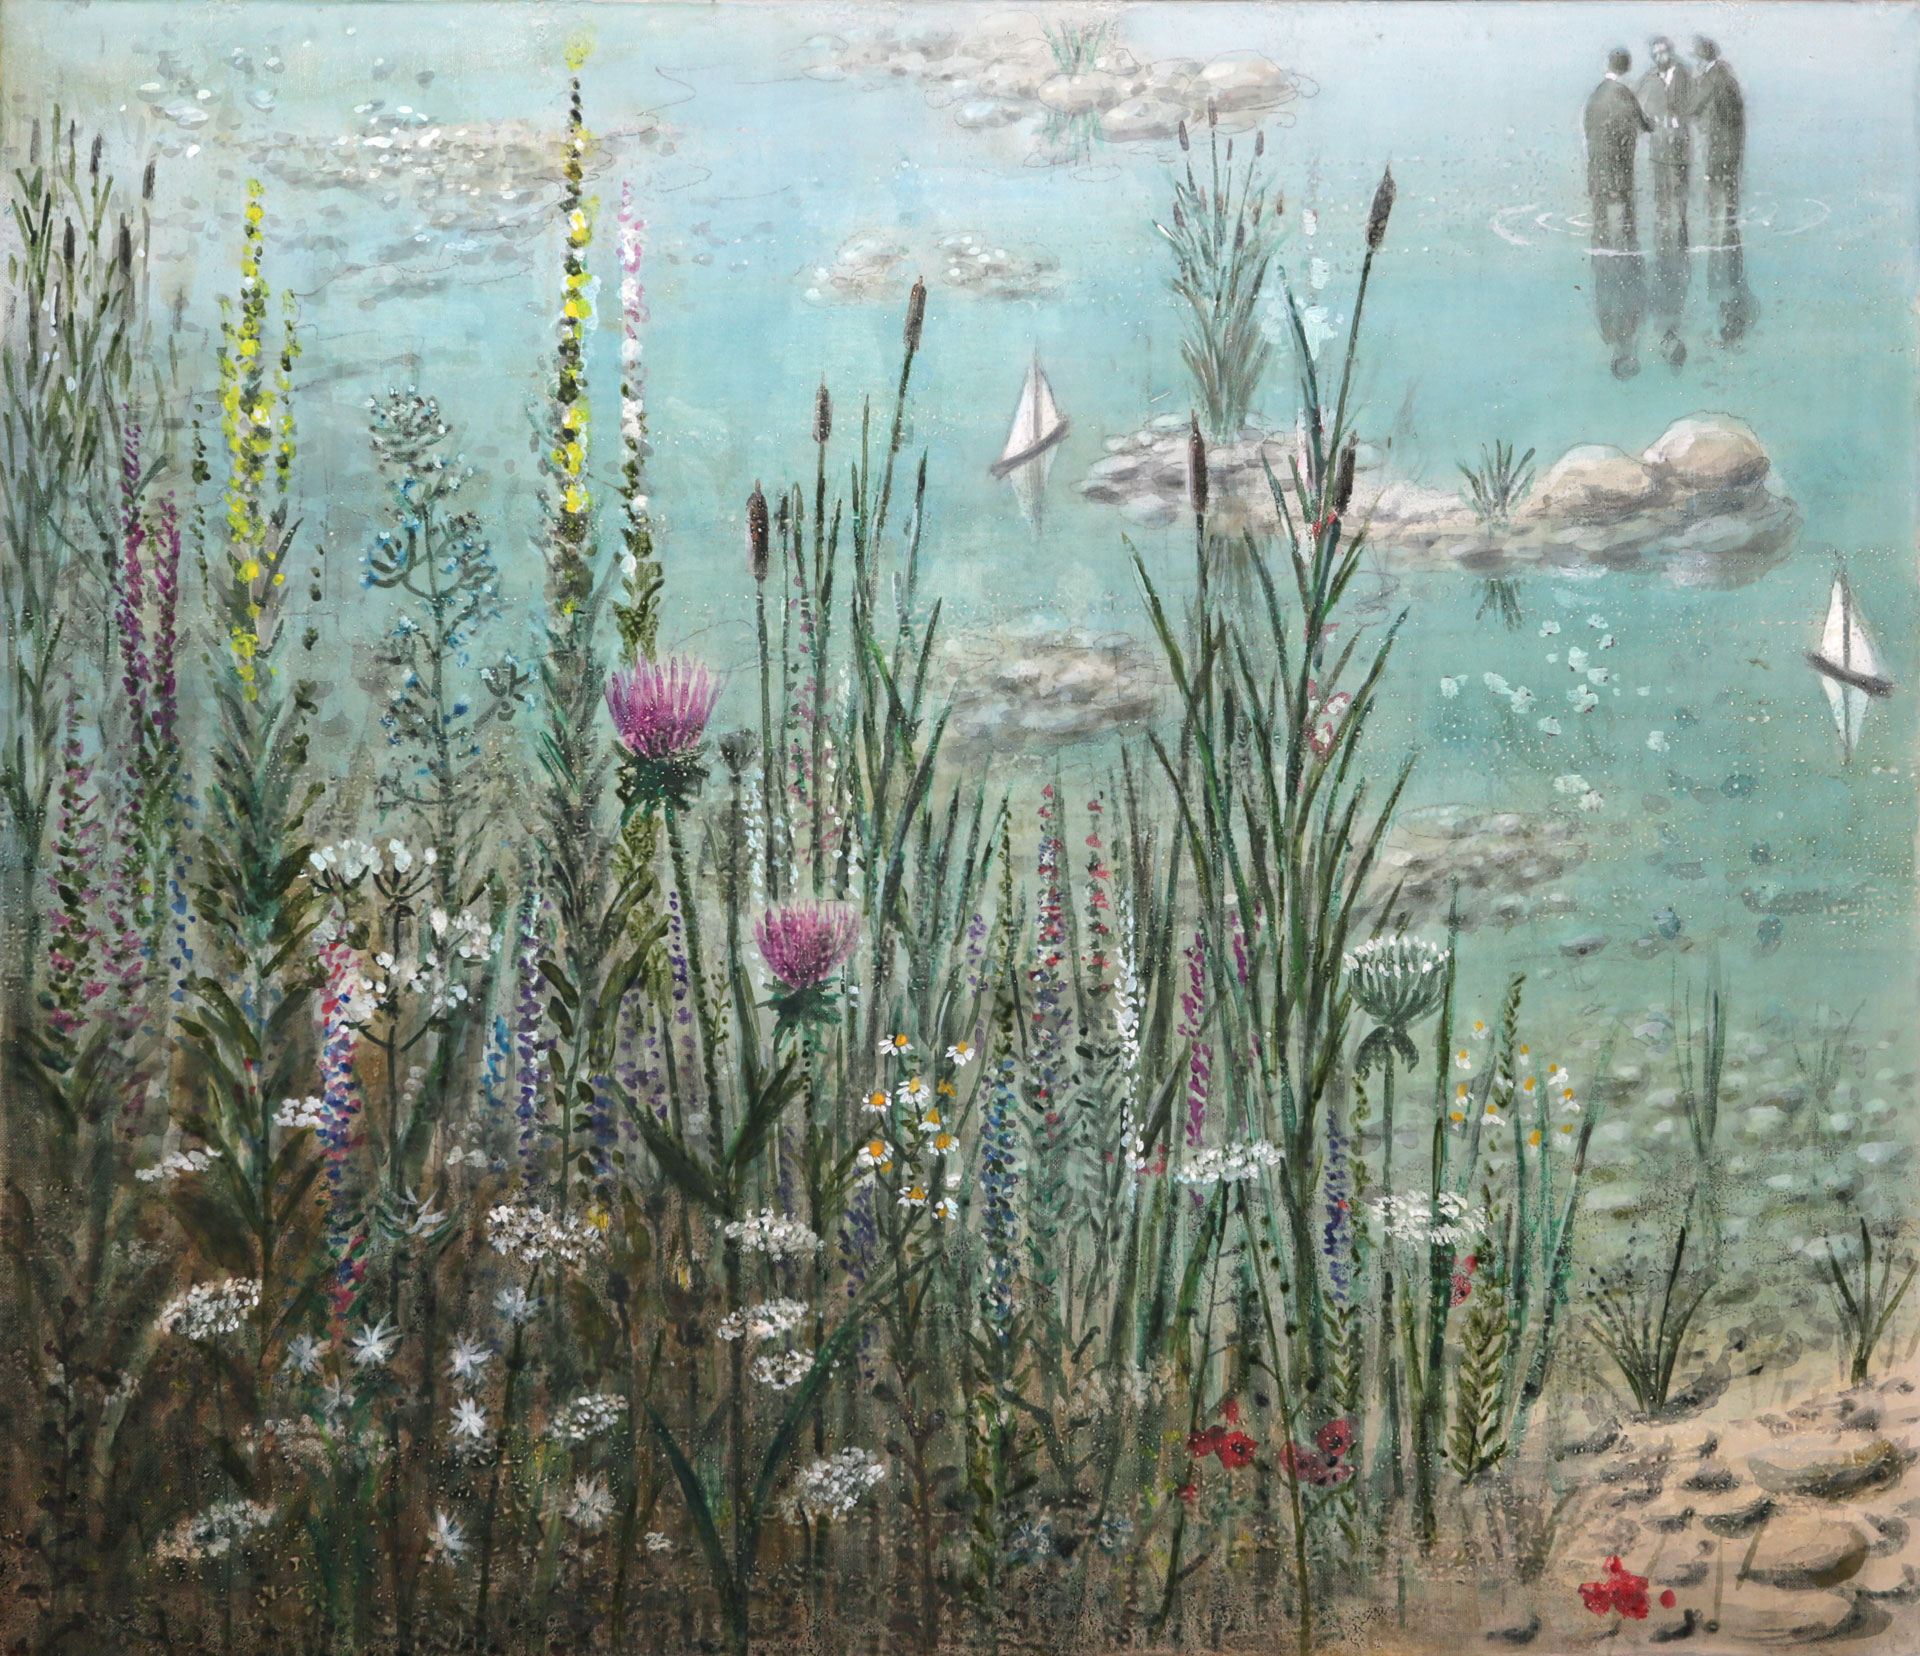 Trame d'Acqua, dipinto di Gianni del Bue